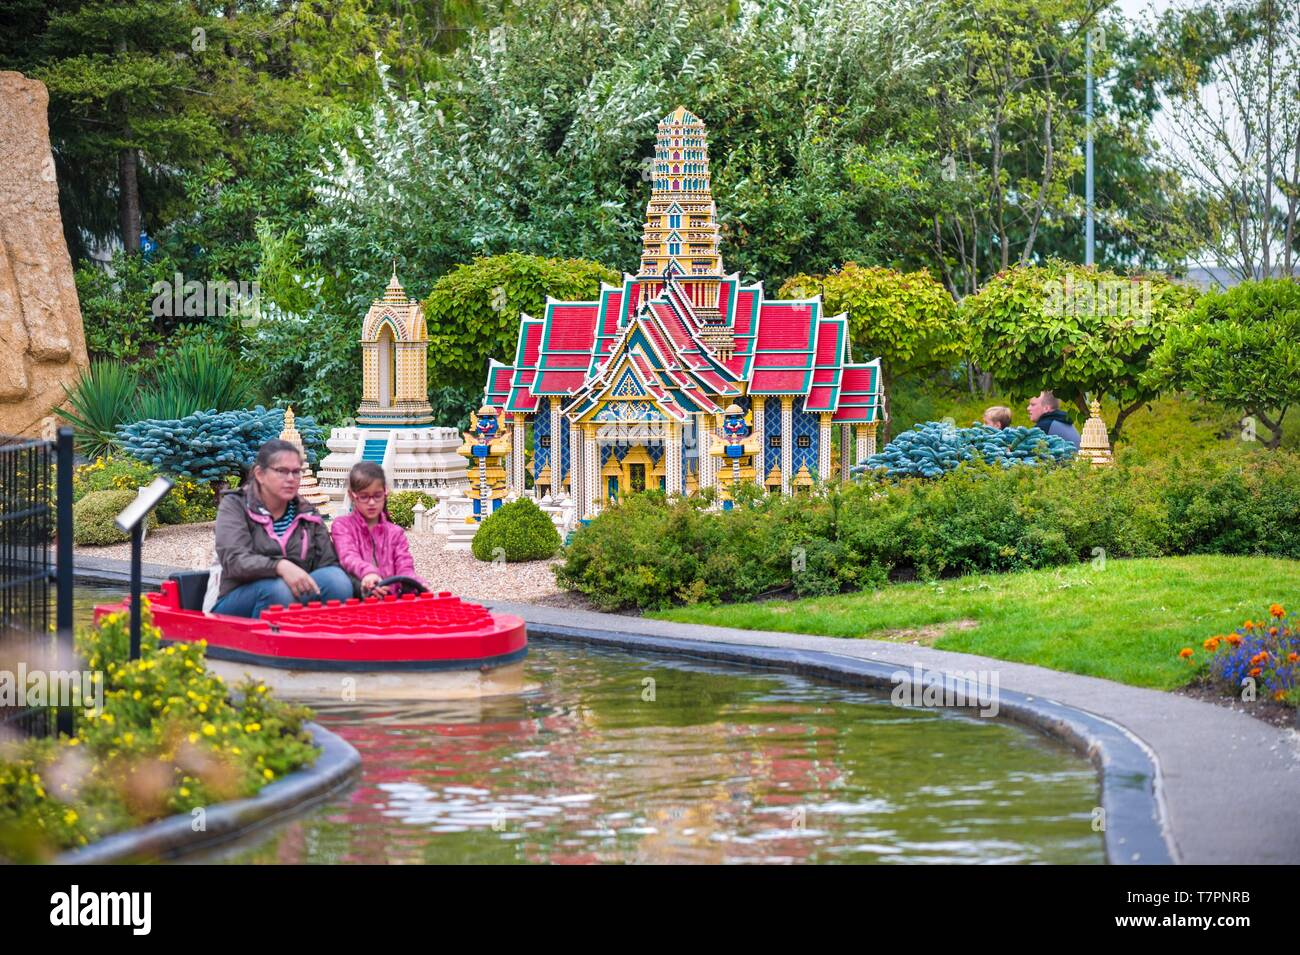 Denmark, Jutland, Billund, Legoland® Billund is the first